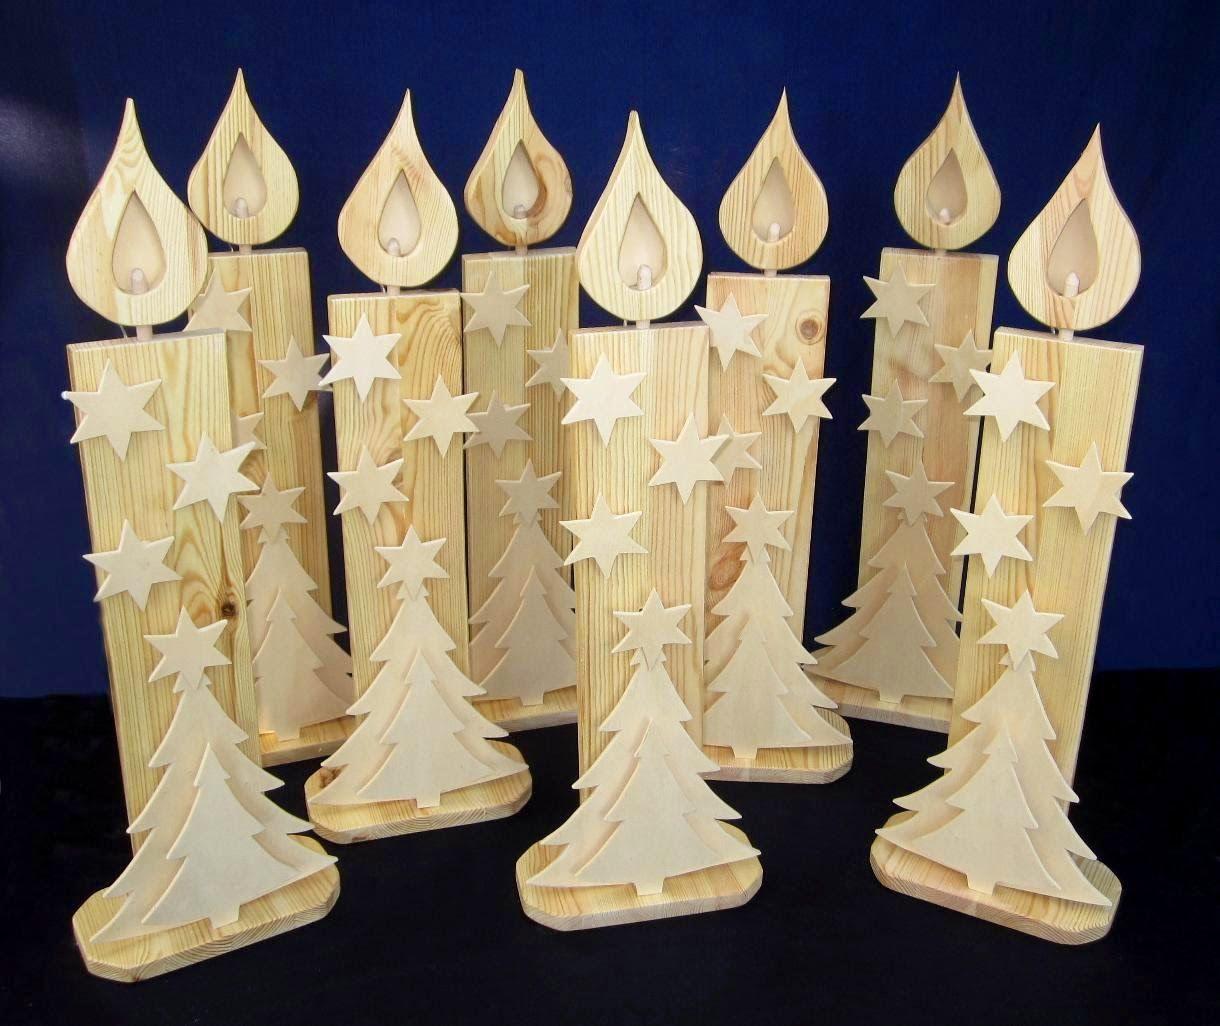 Blog 398 Jpg 1220 1026 Holzdeko Weihnachten Vorlagen Holzdeko Weihnachten Holz Basteln Weihnachten